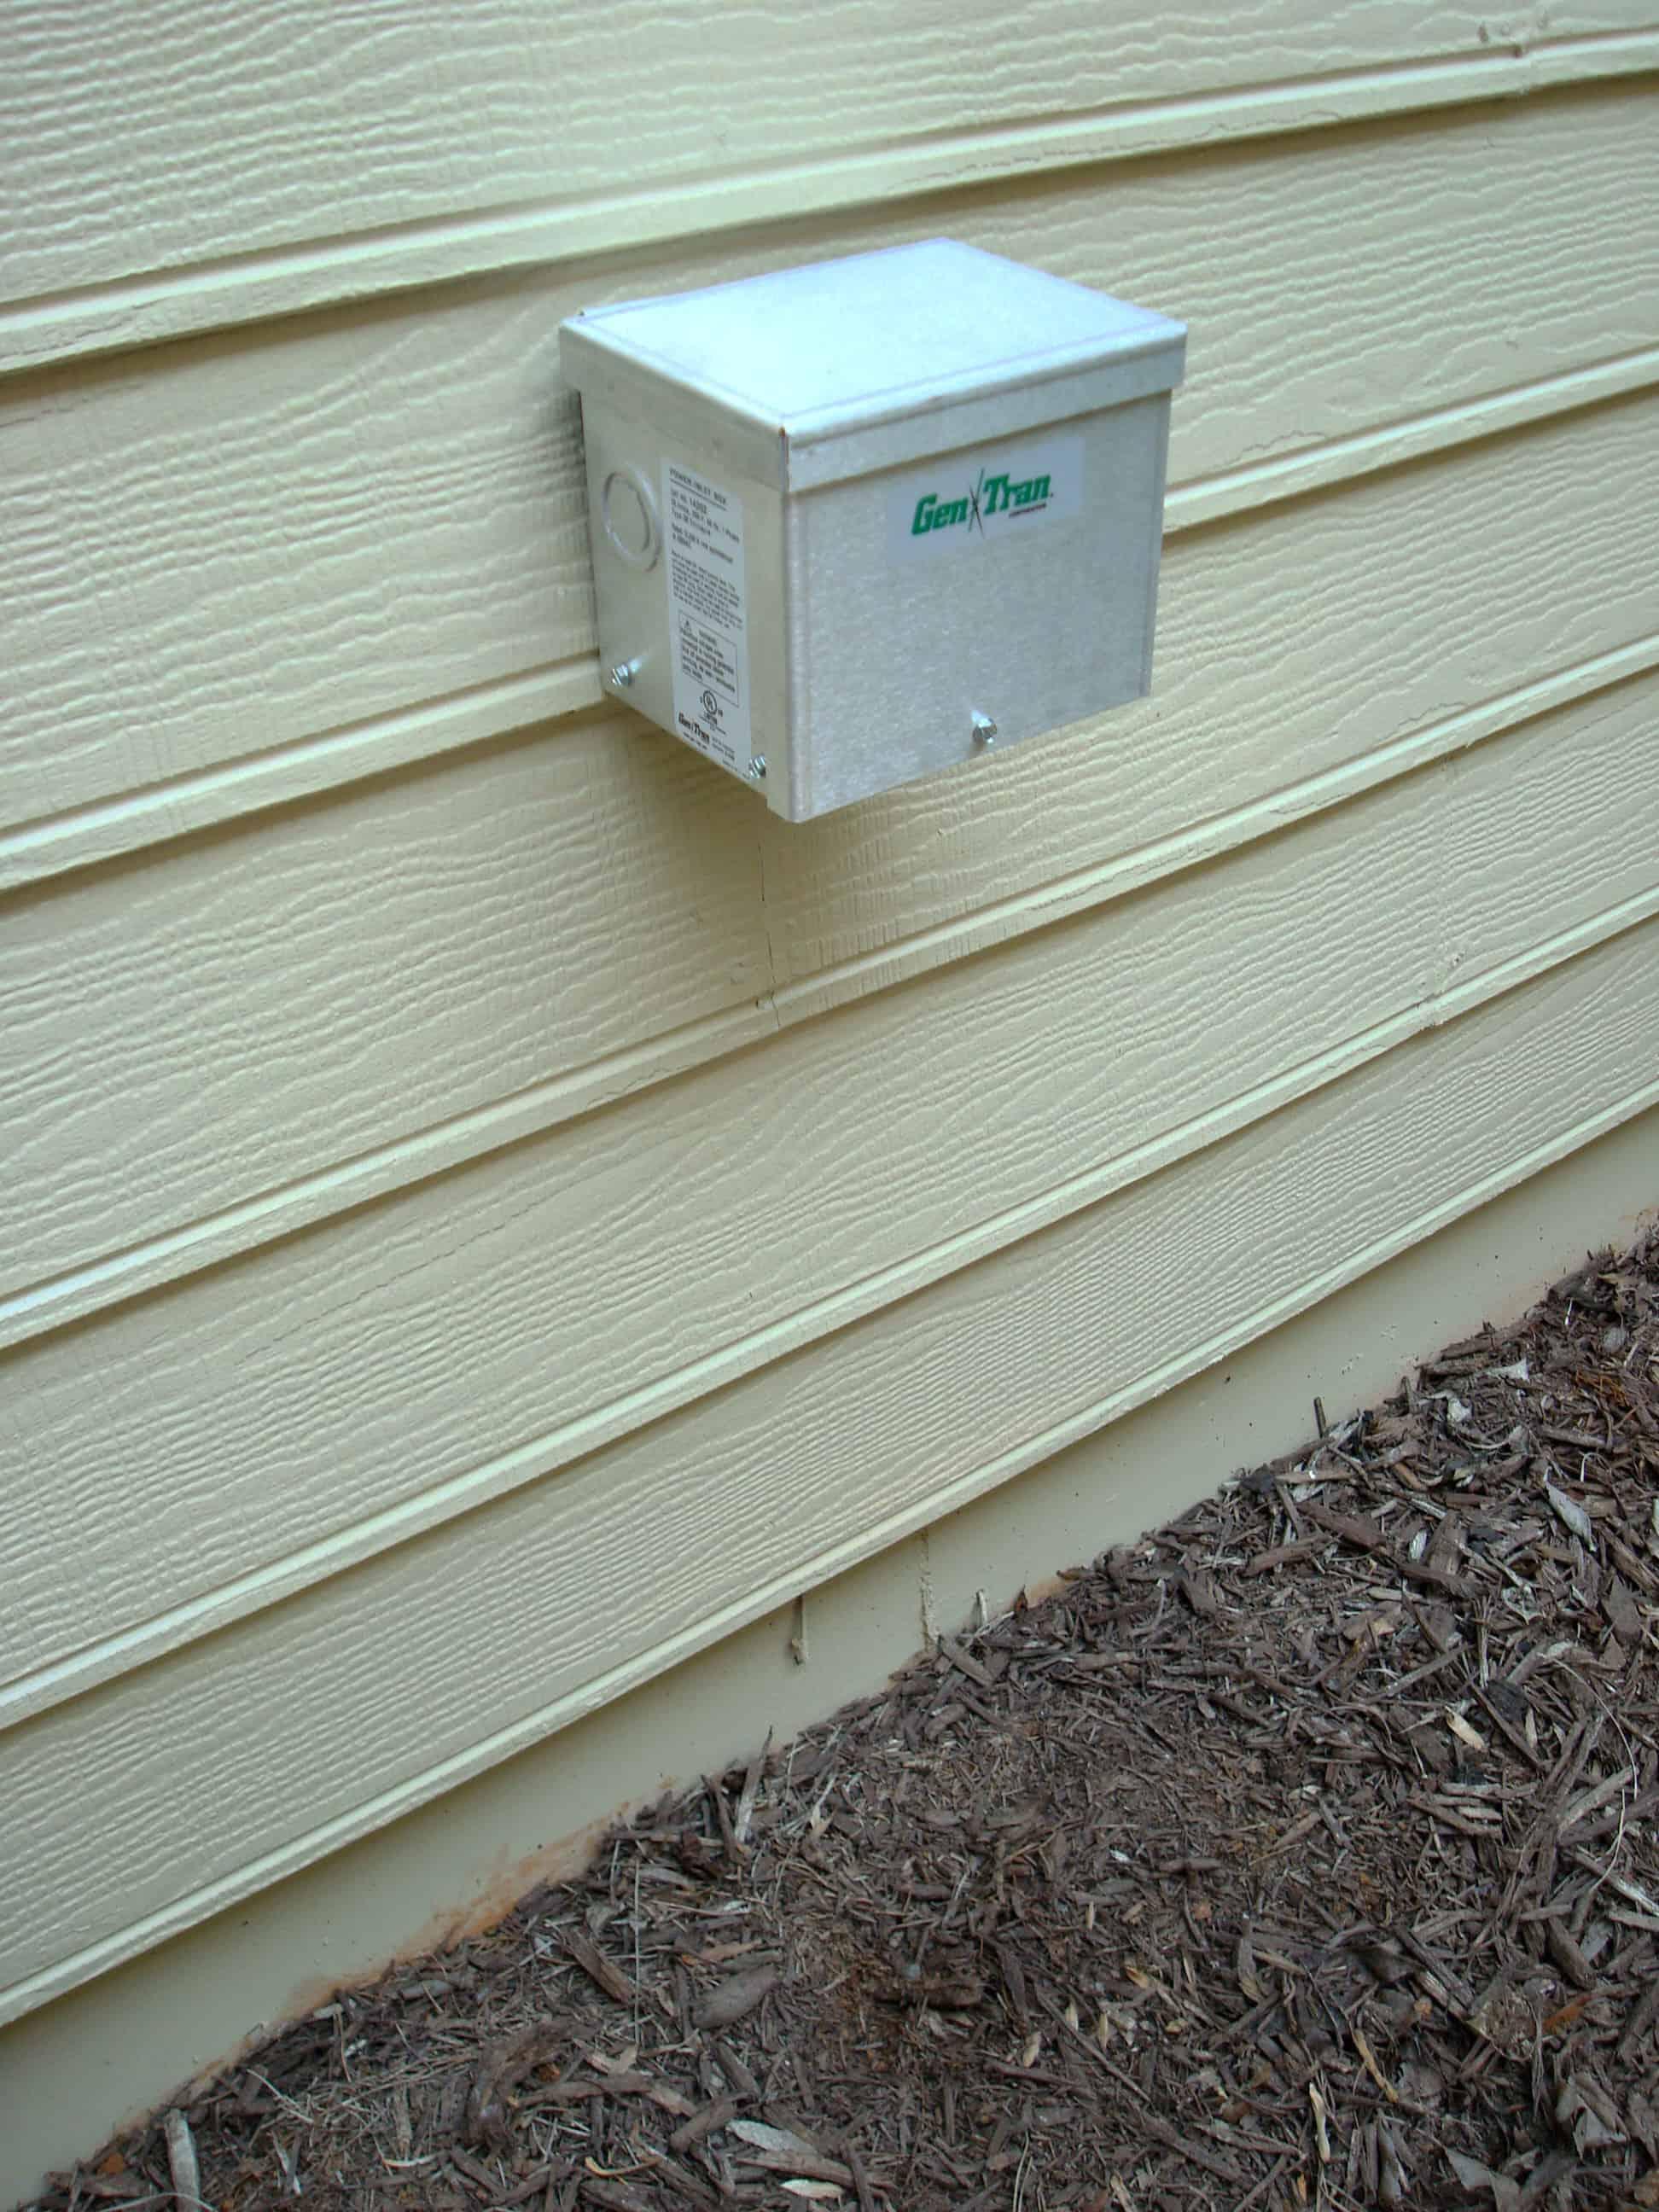 New - How To Install A Manual Power Transfer Switch | bunda-daffa.com